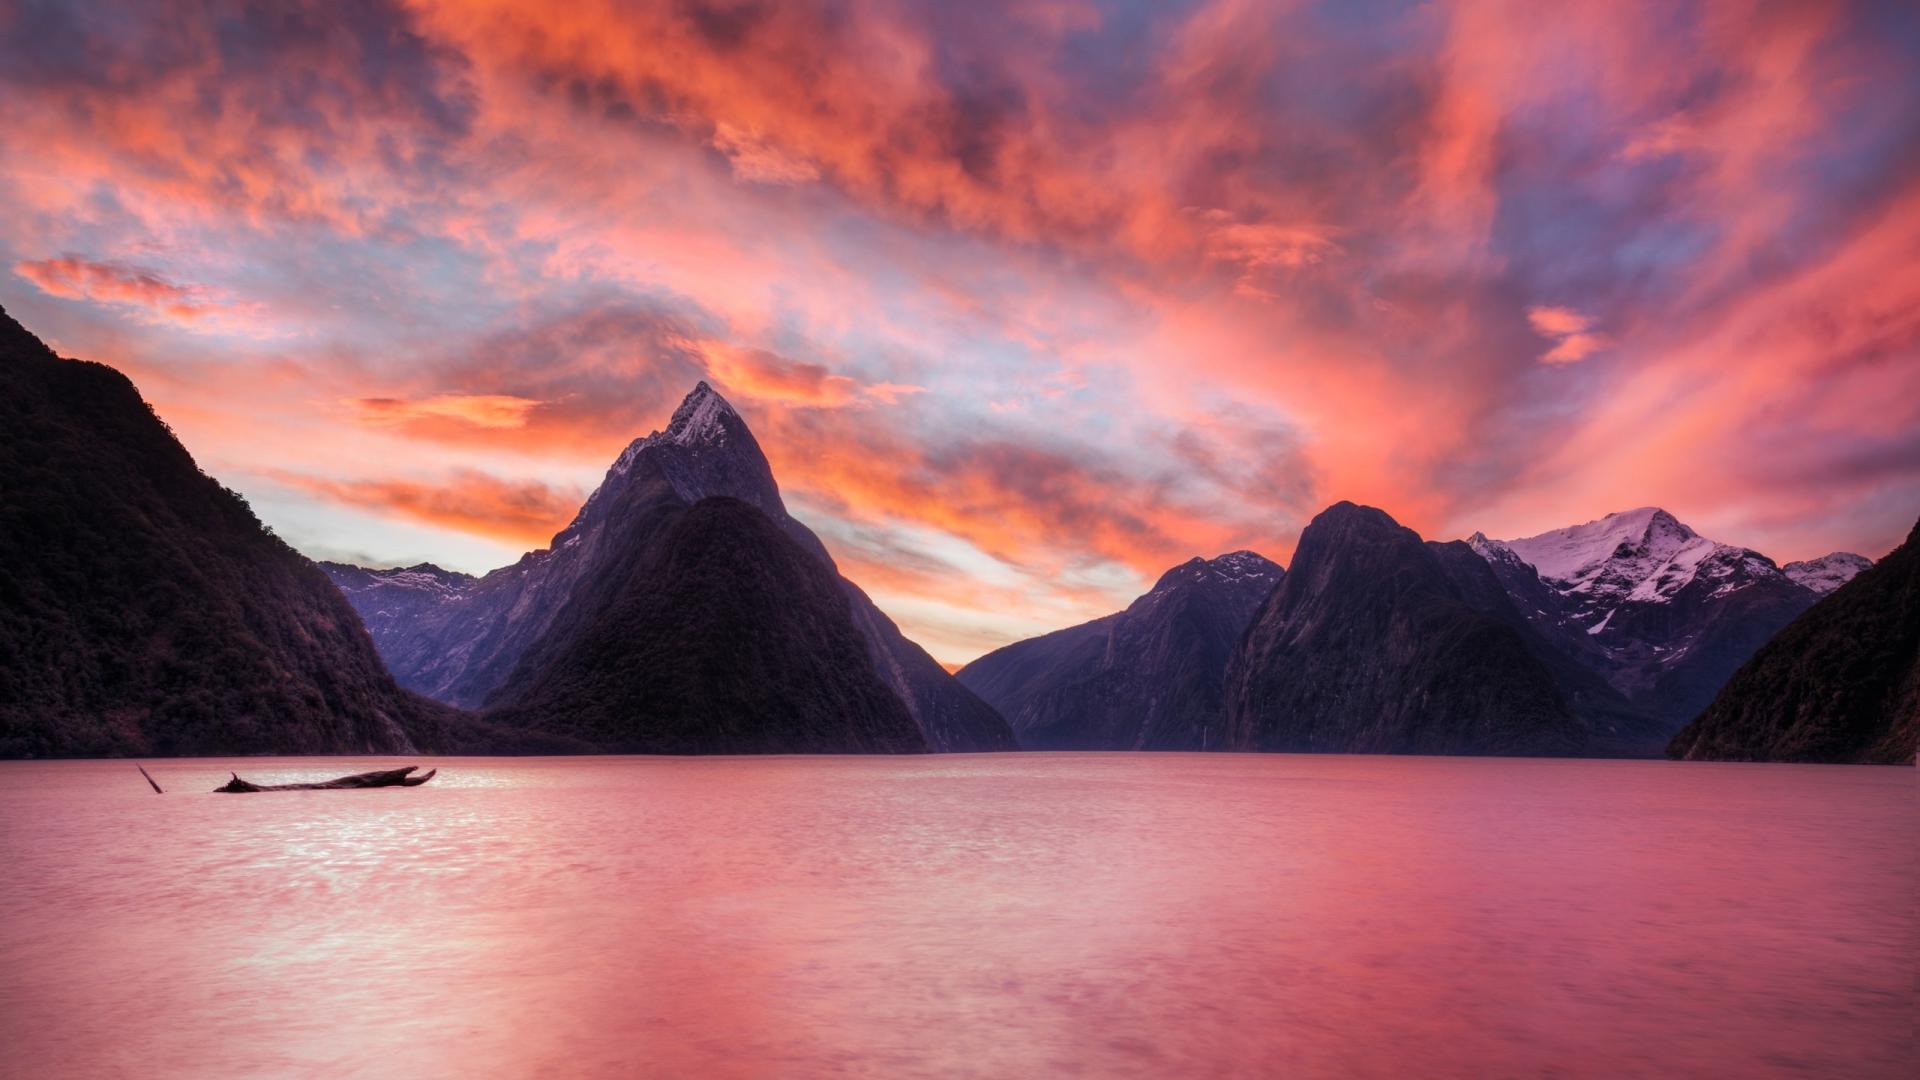 Nueva Zelanda Hd: Lago De Nueva Zelanda Hd 1920x1080